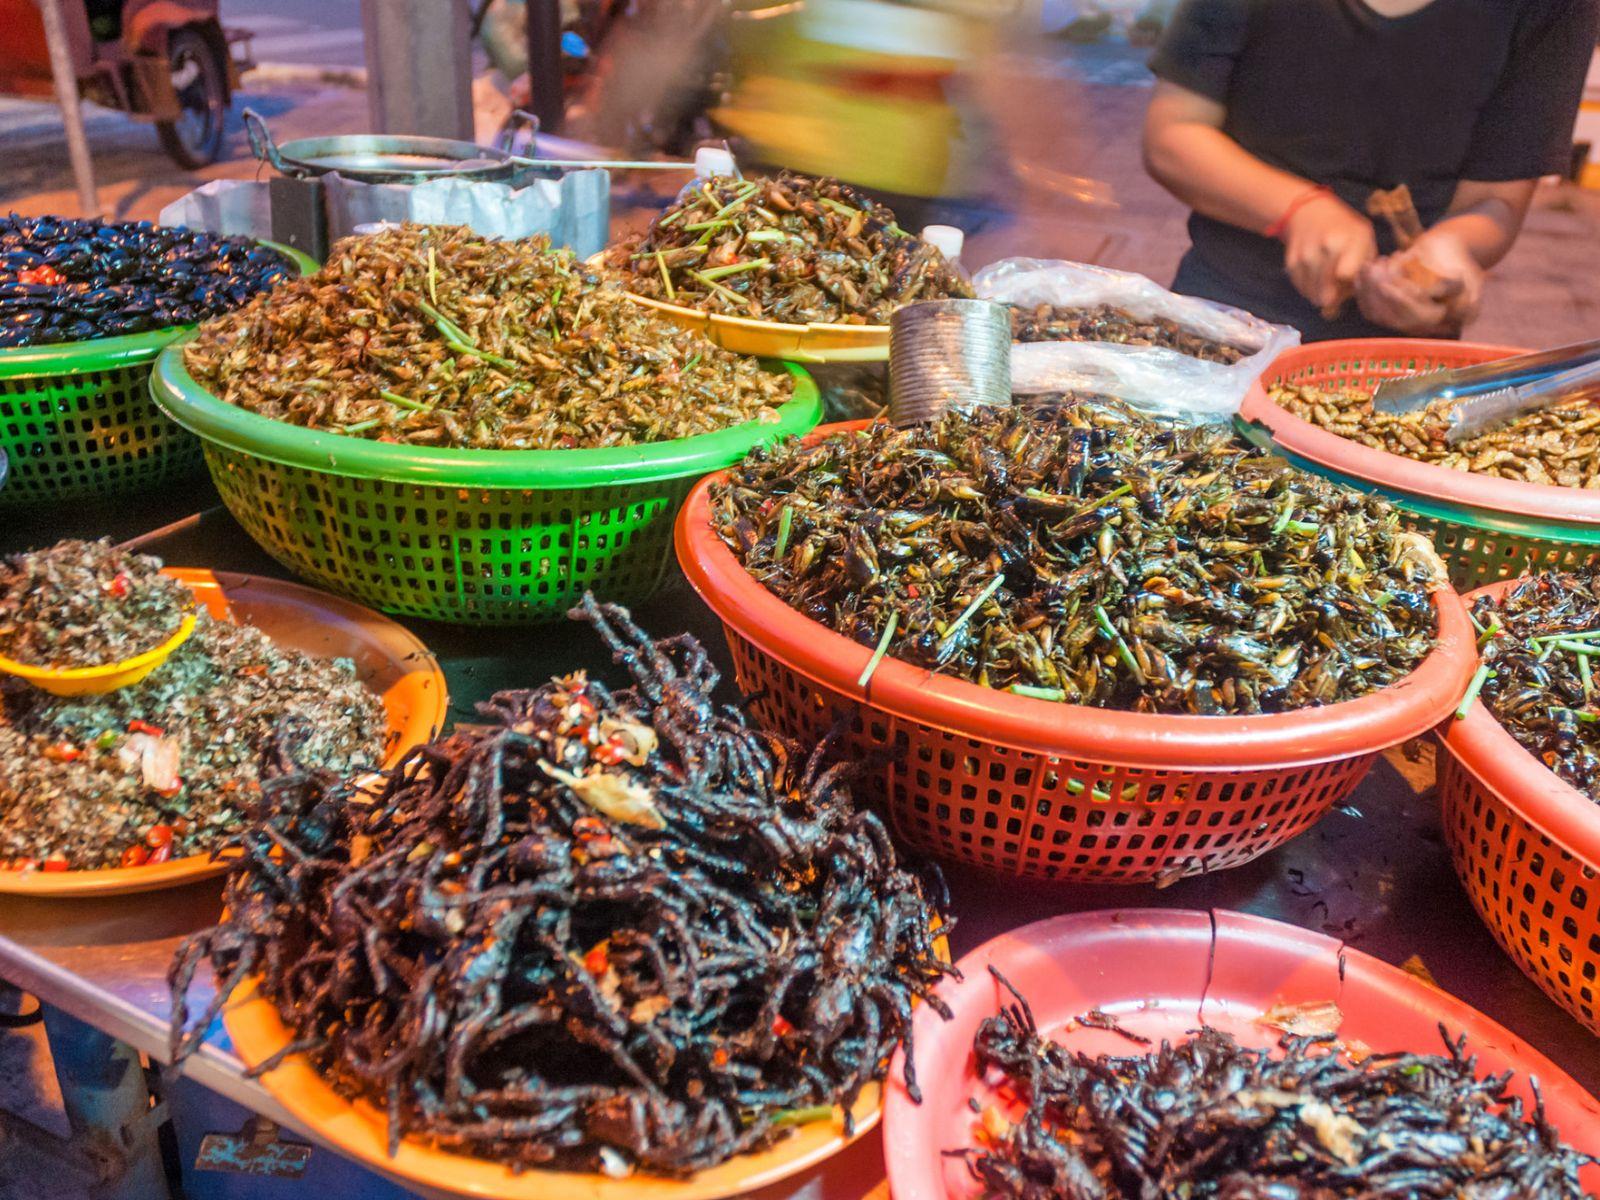 Les insectes frits, comme ceux du Cambodge, sont une source alimentaire populaire dans de nombreuses régions du monde.